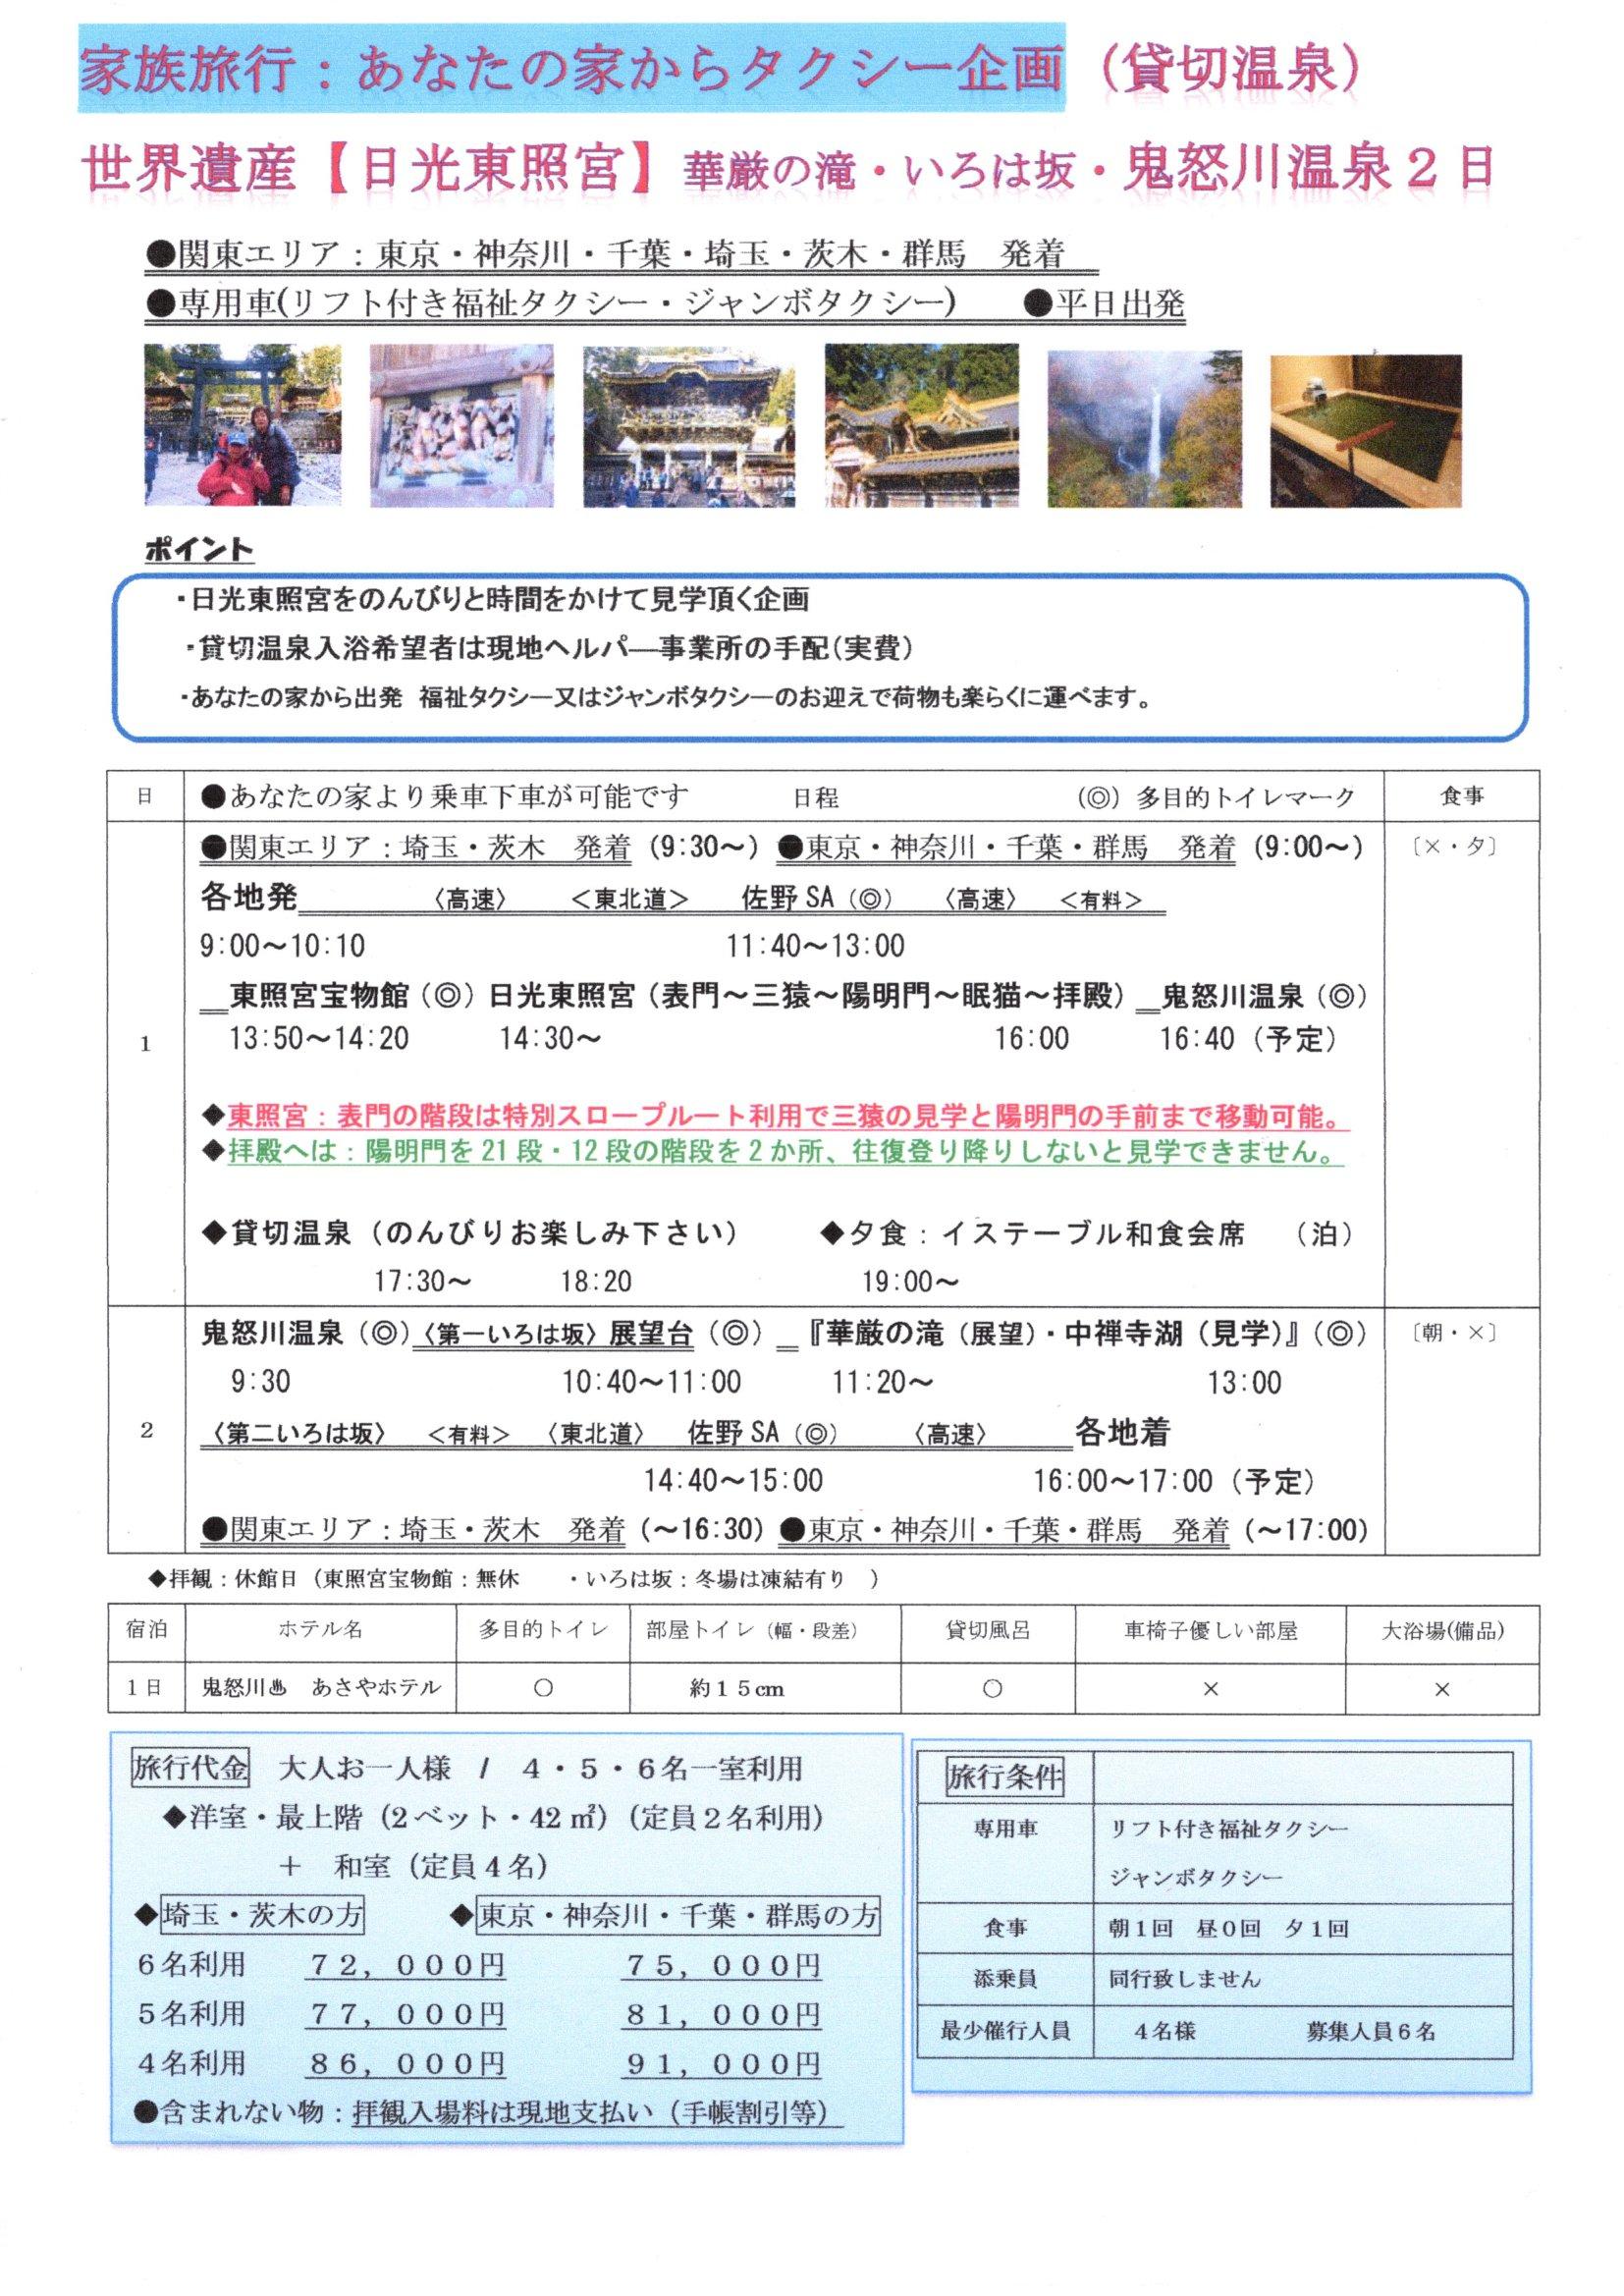 世界遺産日光東照宮・華厳の滝・のんびり鬼怒川温泉 2日